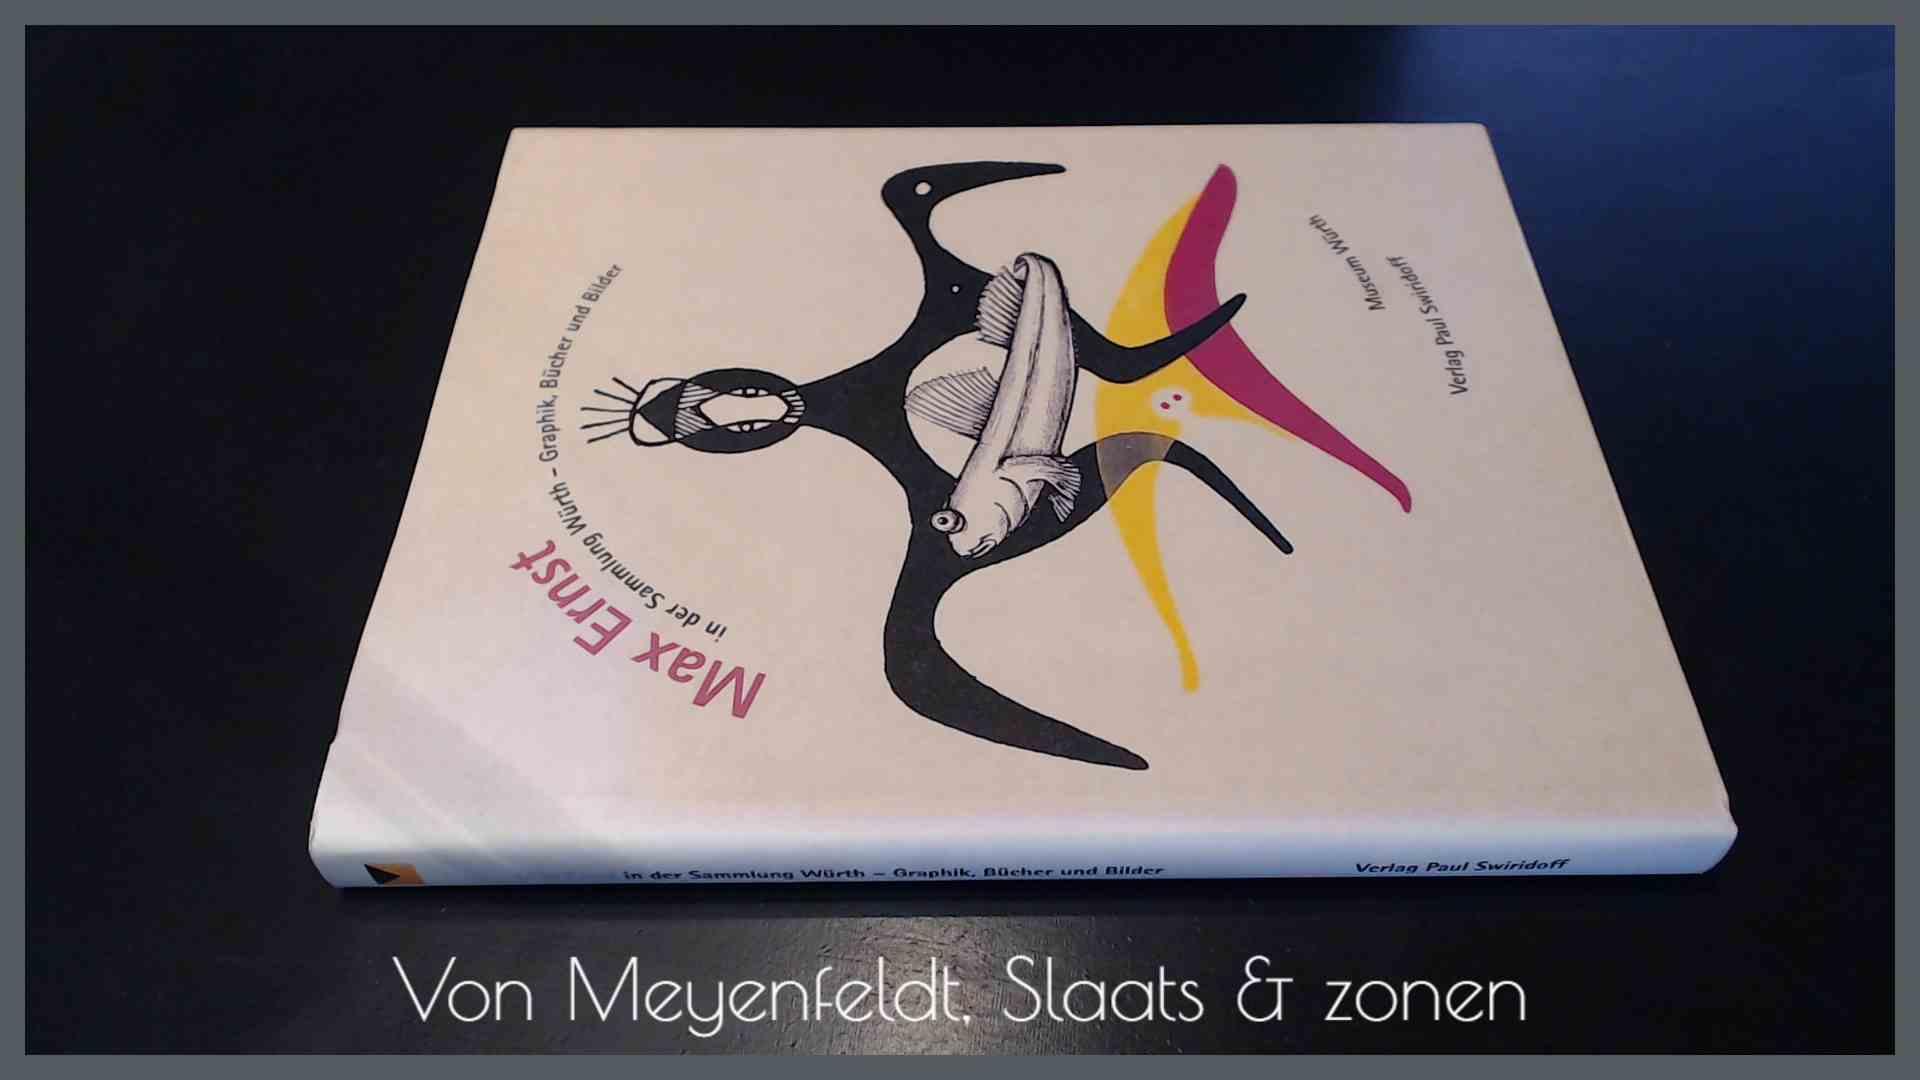 SPIES WERNER - Max Ernst in der sammlung Wurth - Graphik, bucher und bilder